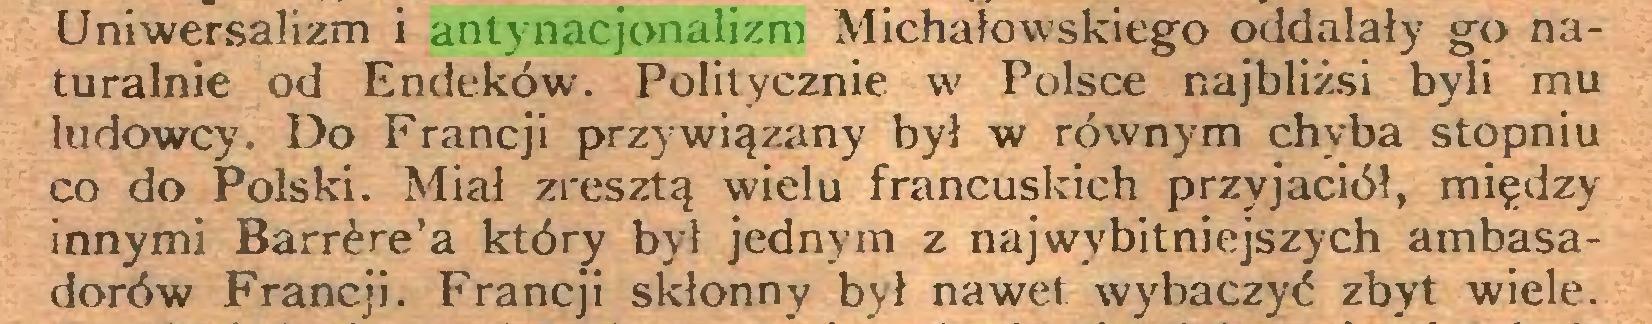 (...) Uniwersalizm i antynacjonalizm Michałowskiego oddalały go naturalnie od Endeków. Politycznie w Polsce najbliżsi byli mu ludowcy. Do Francji przywiązany był w równym chyba stopniu co do Polski. Miał zresztą wielu francuskich przyjaciół, między innymi Barrère'a który był jednym z najwybitniejszych ambasadorów Francji. Francji skłonny był nawet wybaczyć zbyt wiele...